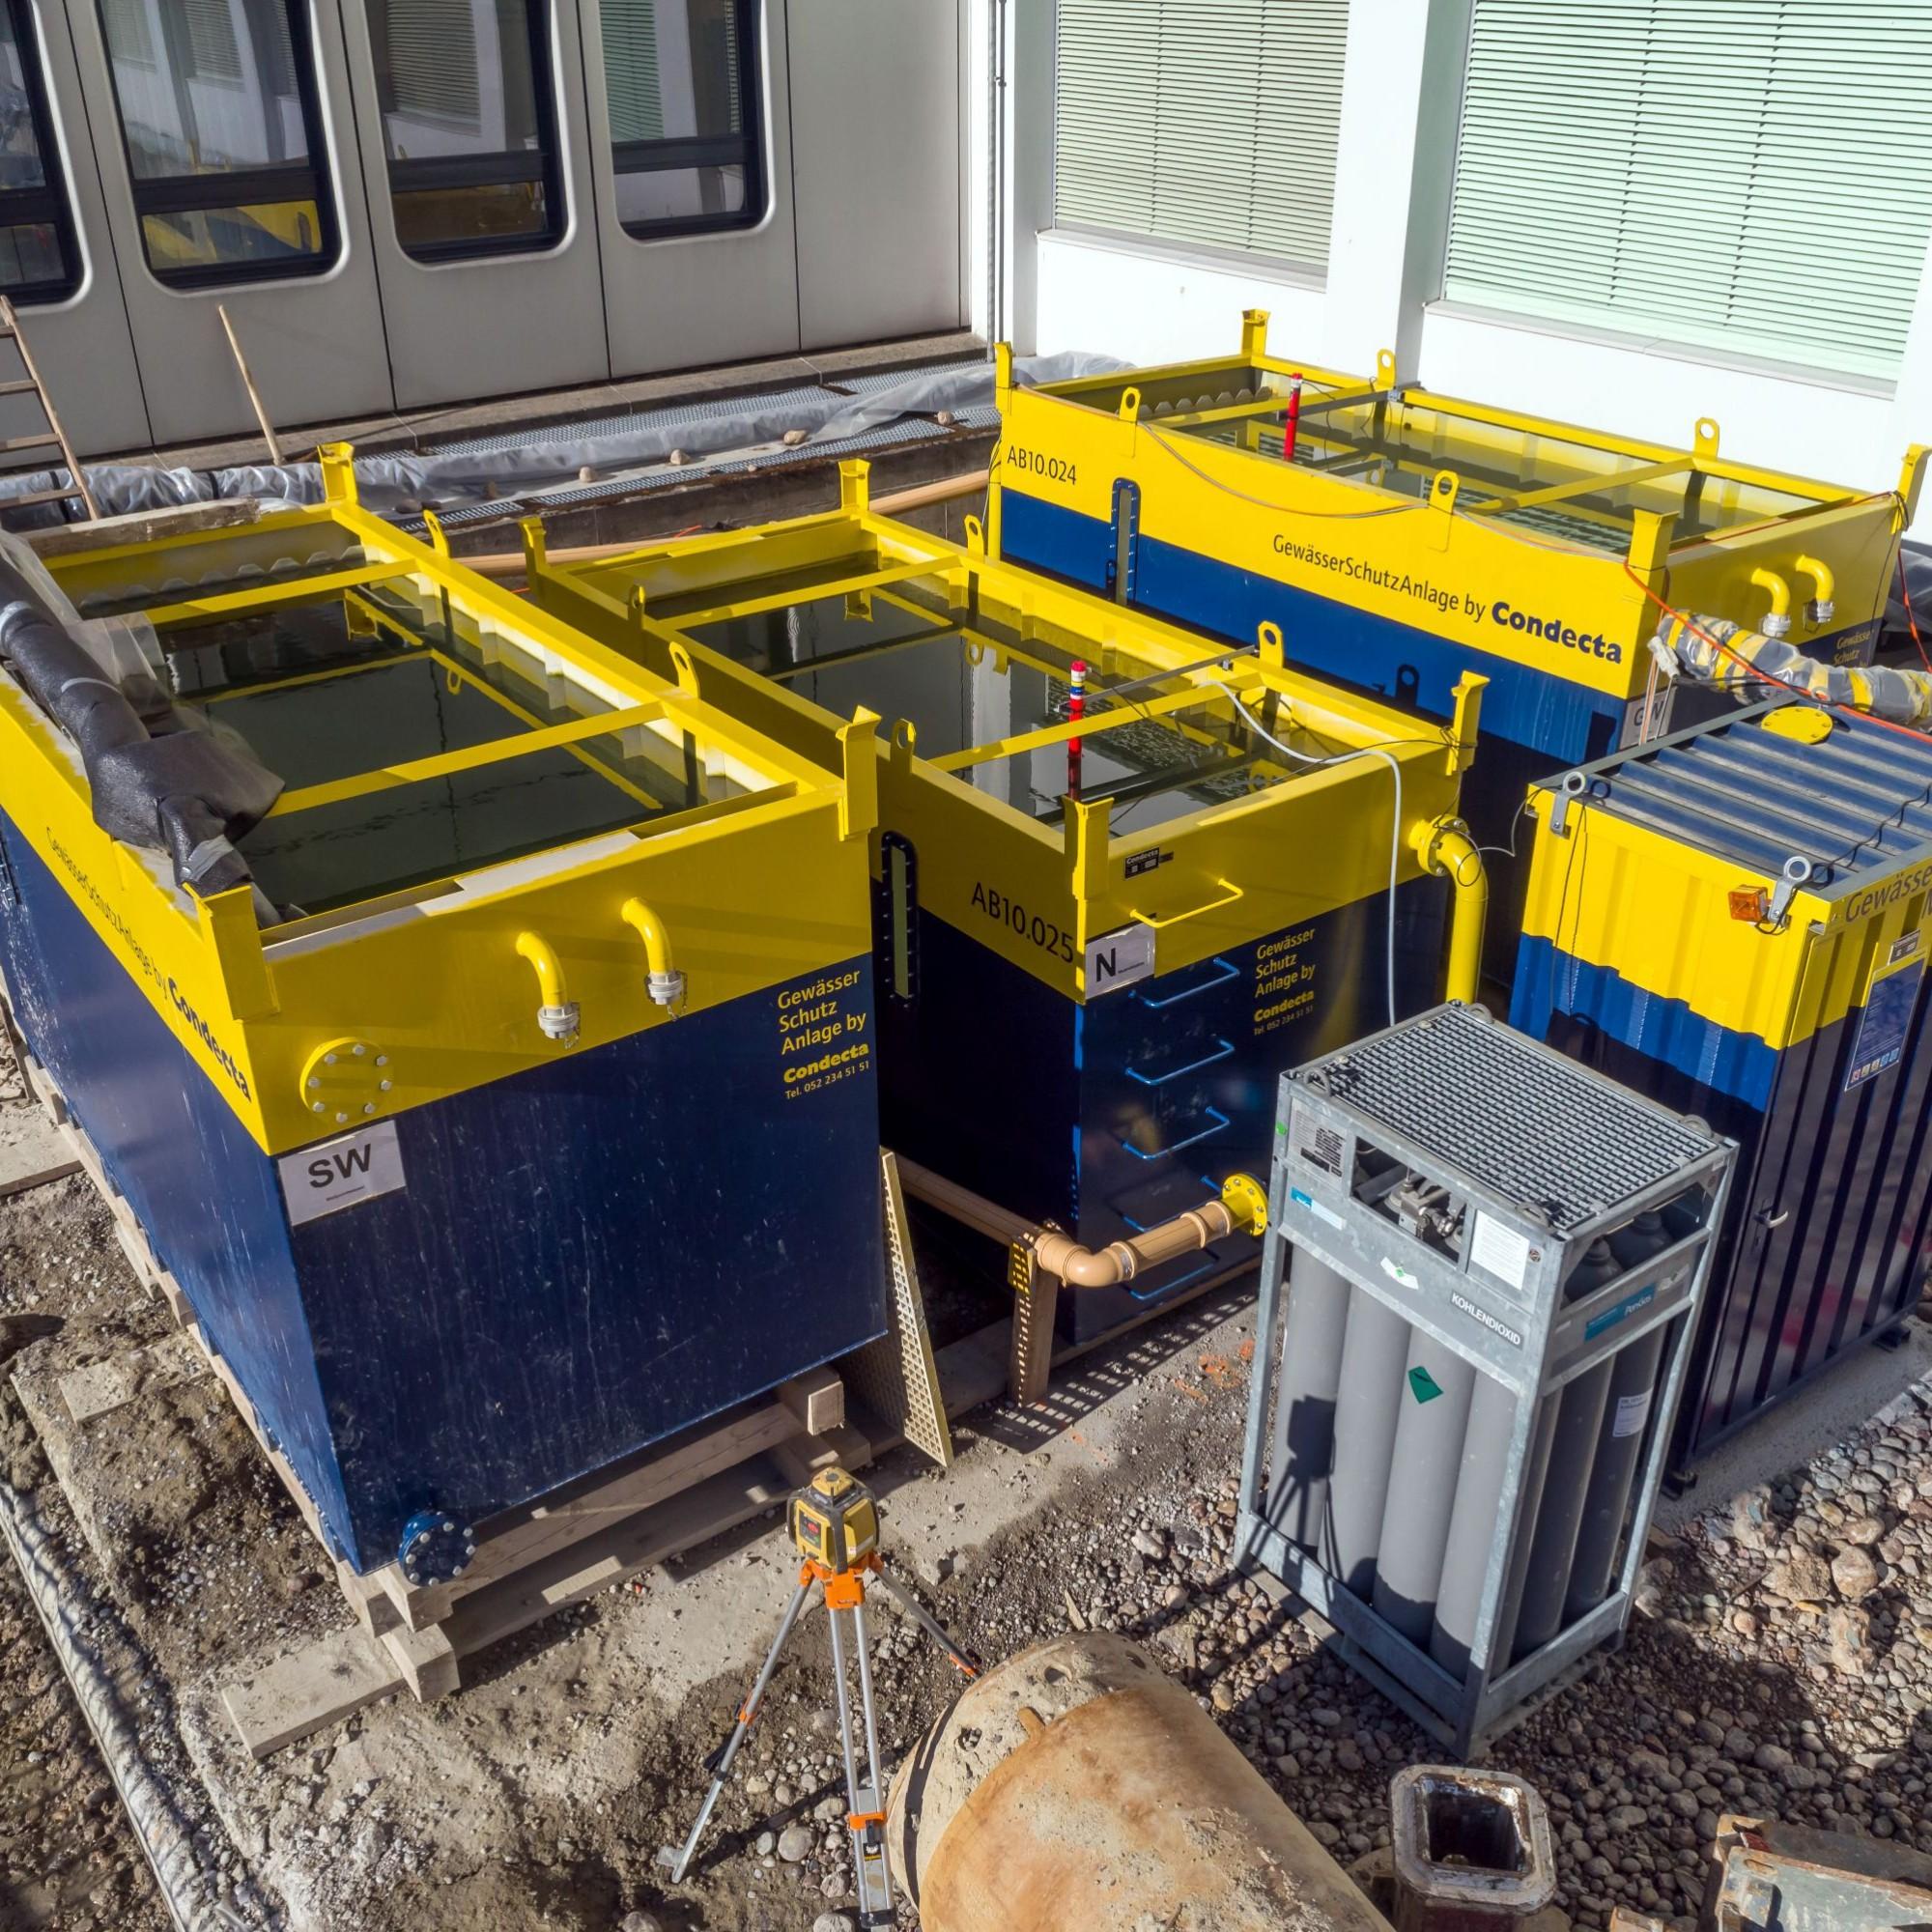 Die Anlage auf der St.Galler Baustelle in der Übersicht. Von links nach rechts sind zu sehen: ASB-10-Becken für Baustellenwasser, ASN-10-Becken zur Neutralisation mit Kohlen- dioxid und schliesslich noch ein Becken des Modells ASB-10 für die Grundwasser-